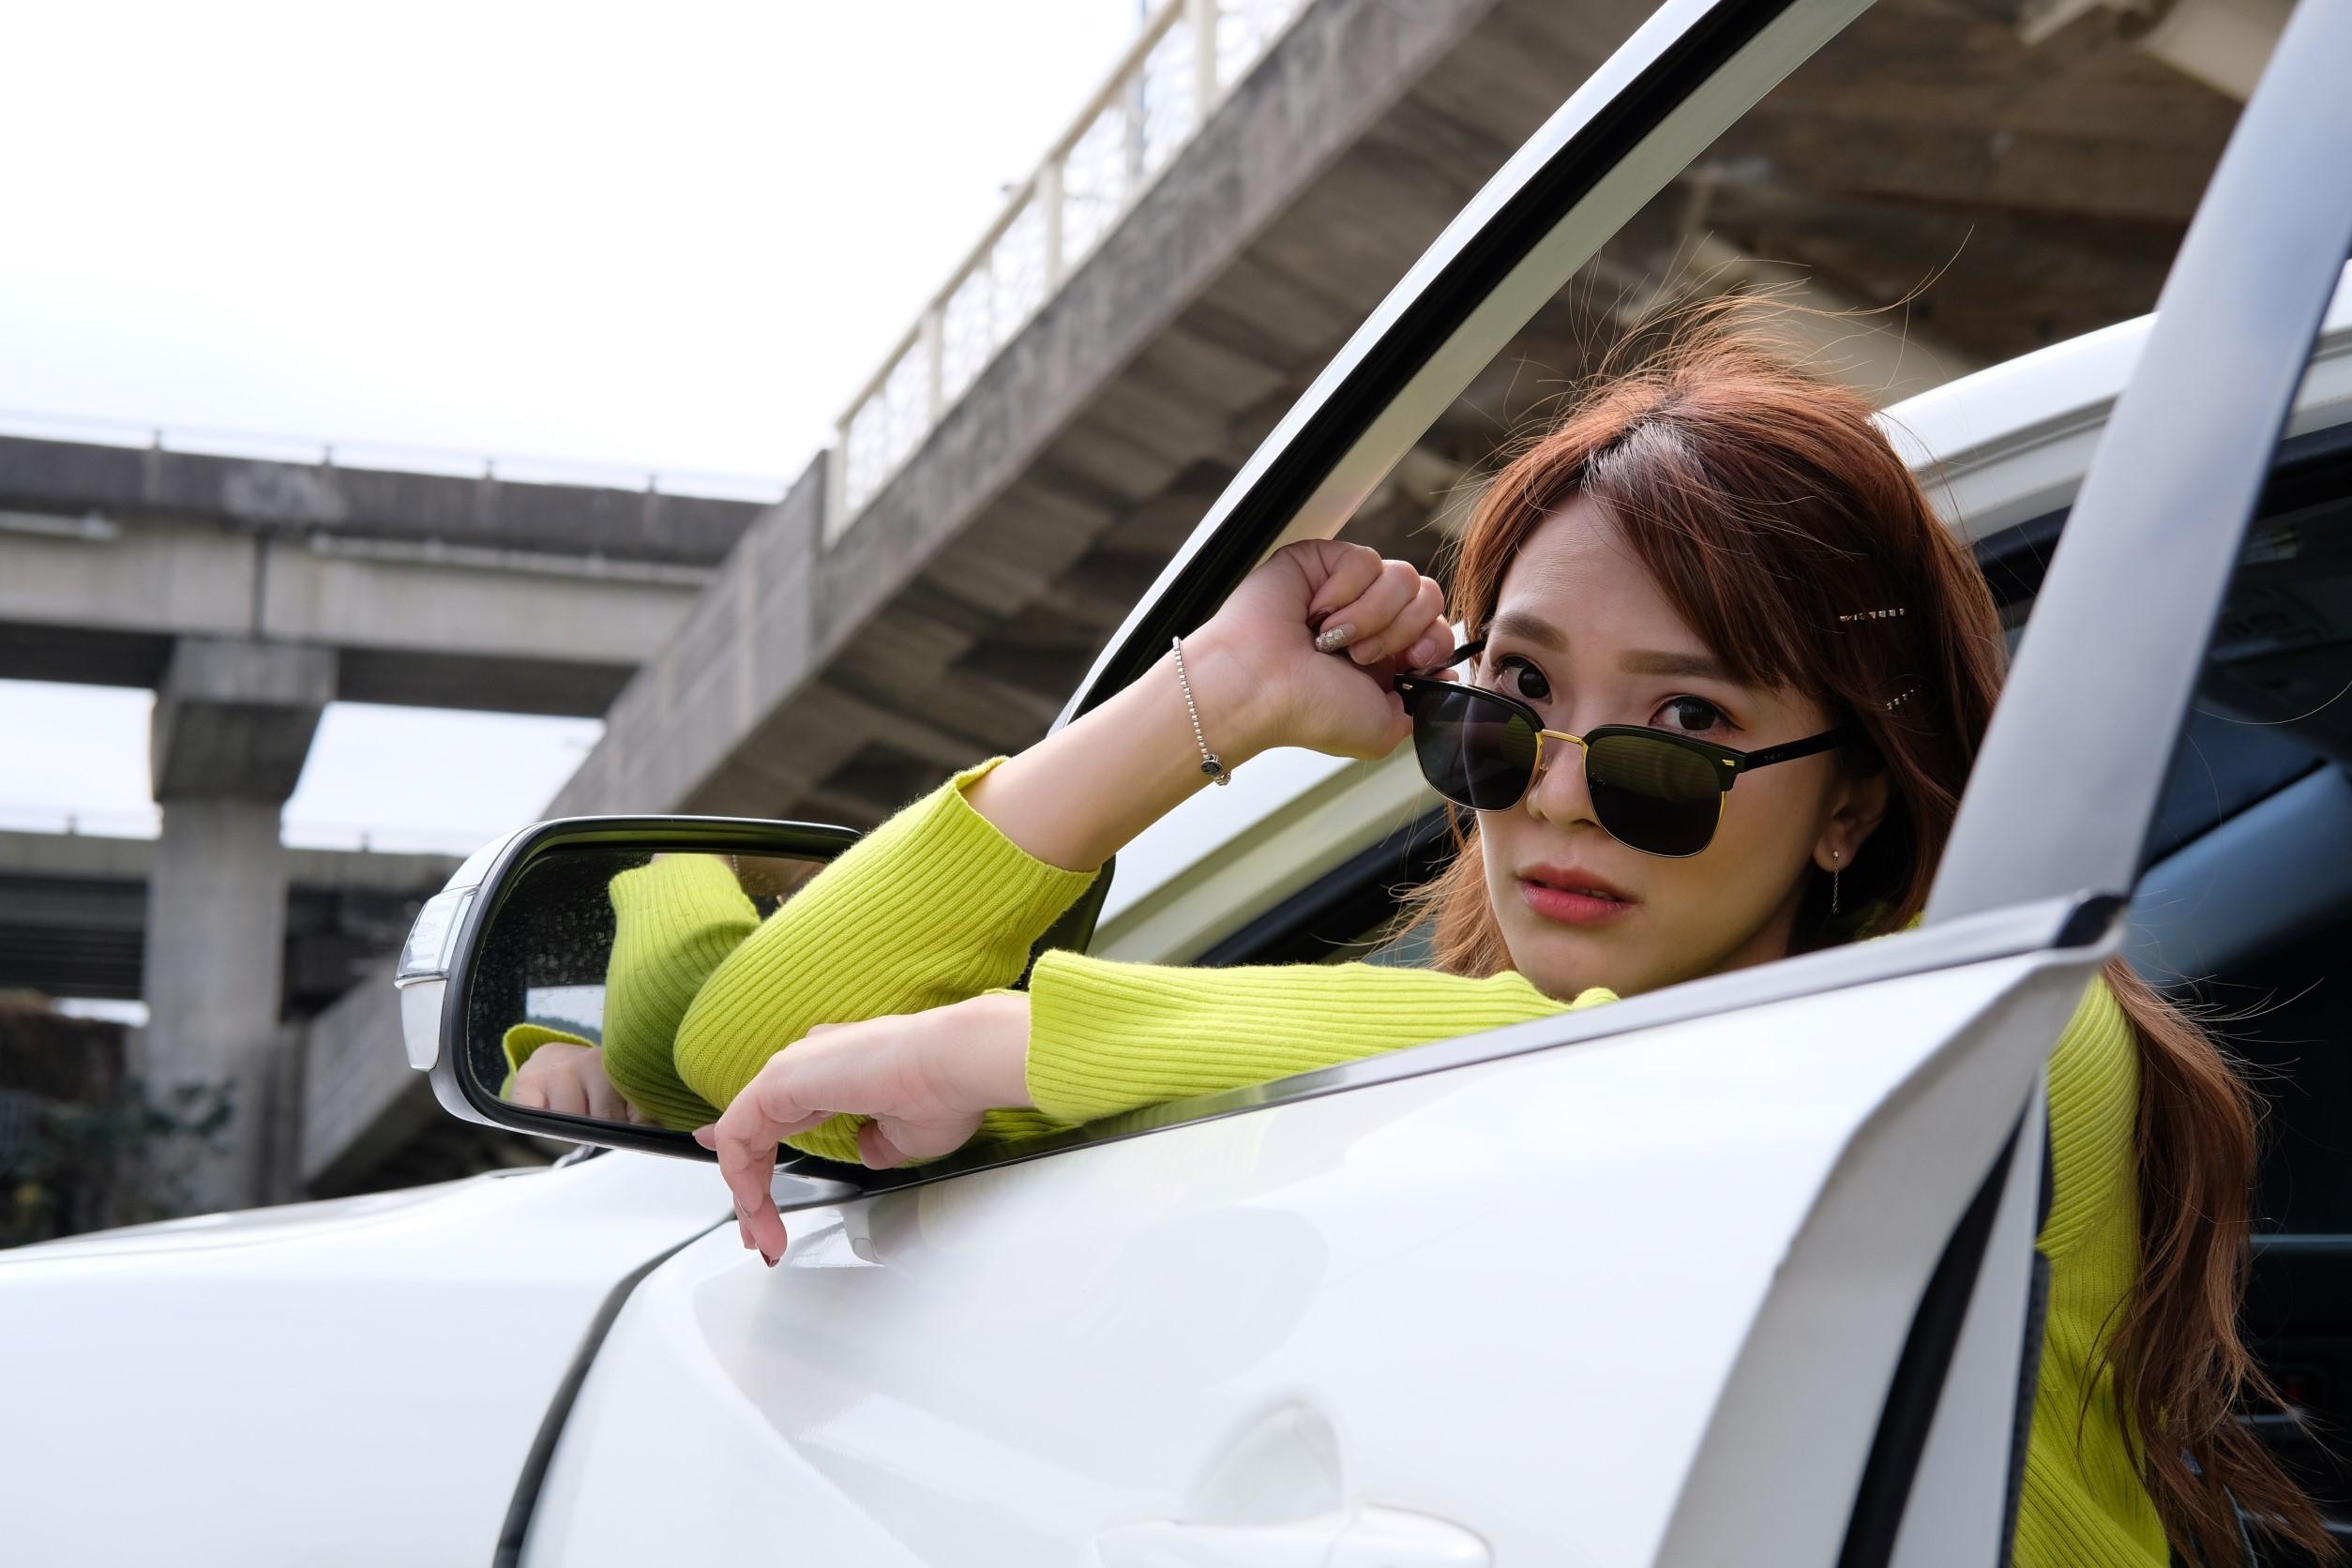 ▲有了車之後,小優常常遇到有人要搭便車,個性和善的她,不太拒絕,卻很討厭明明不順路還要搭便車的人。